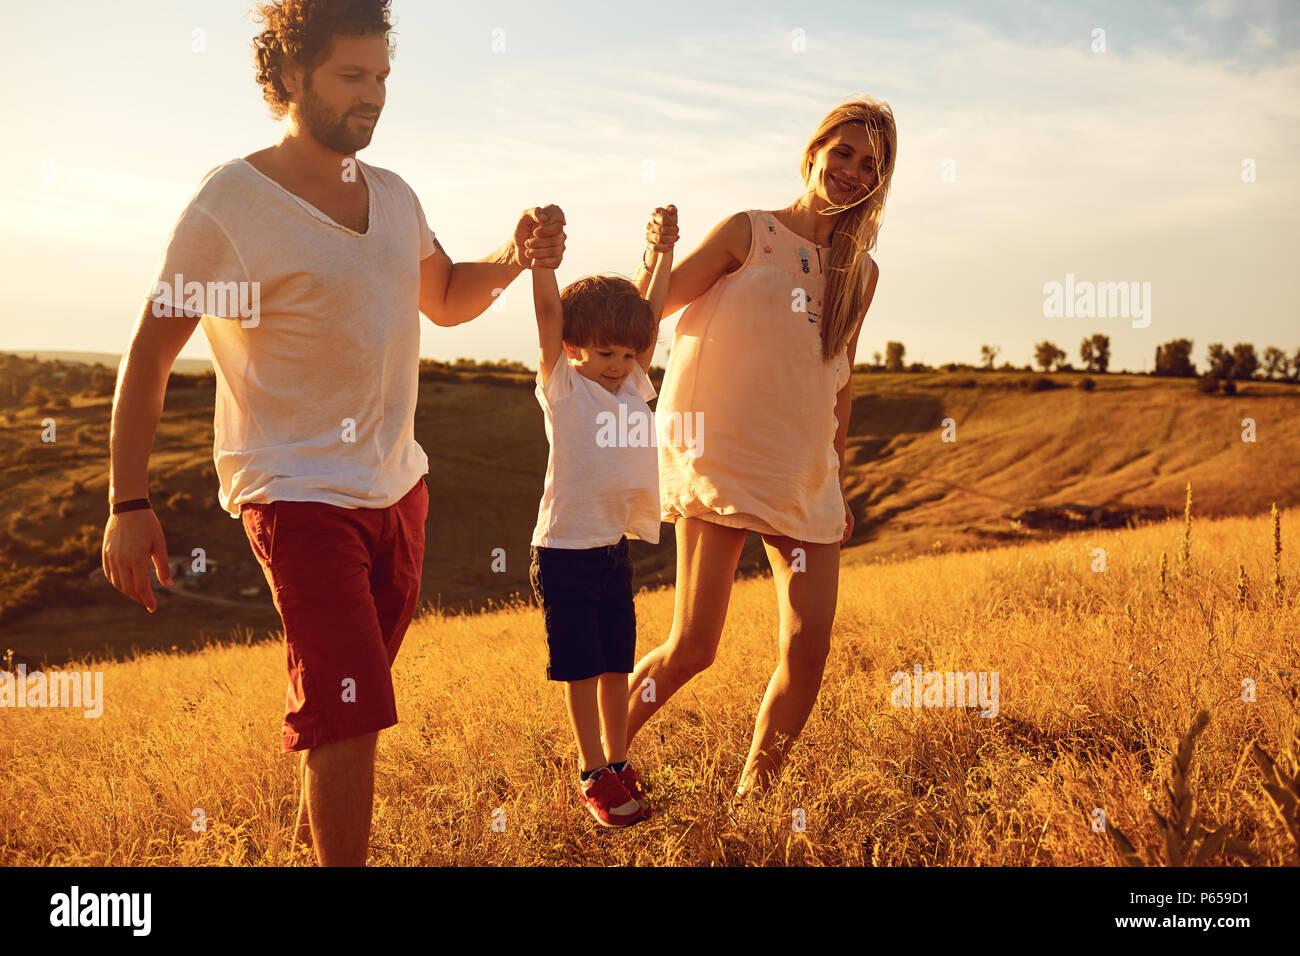 Glückliche Familie Spaß spielen bei Sonnenuntergang. Stockbild